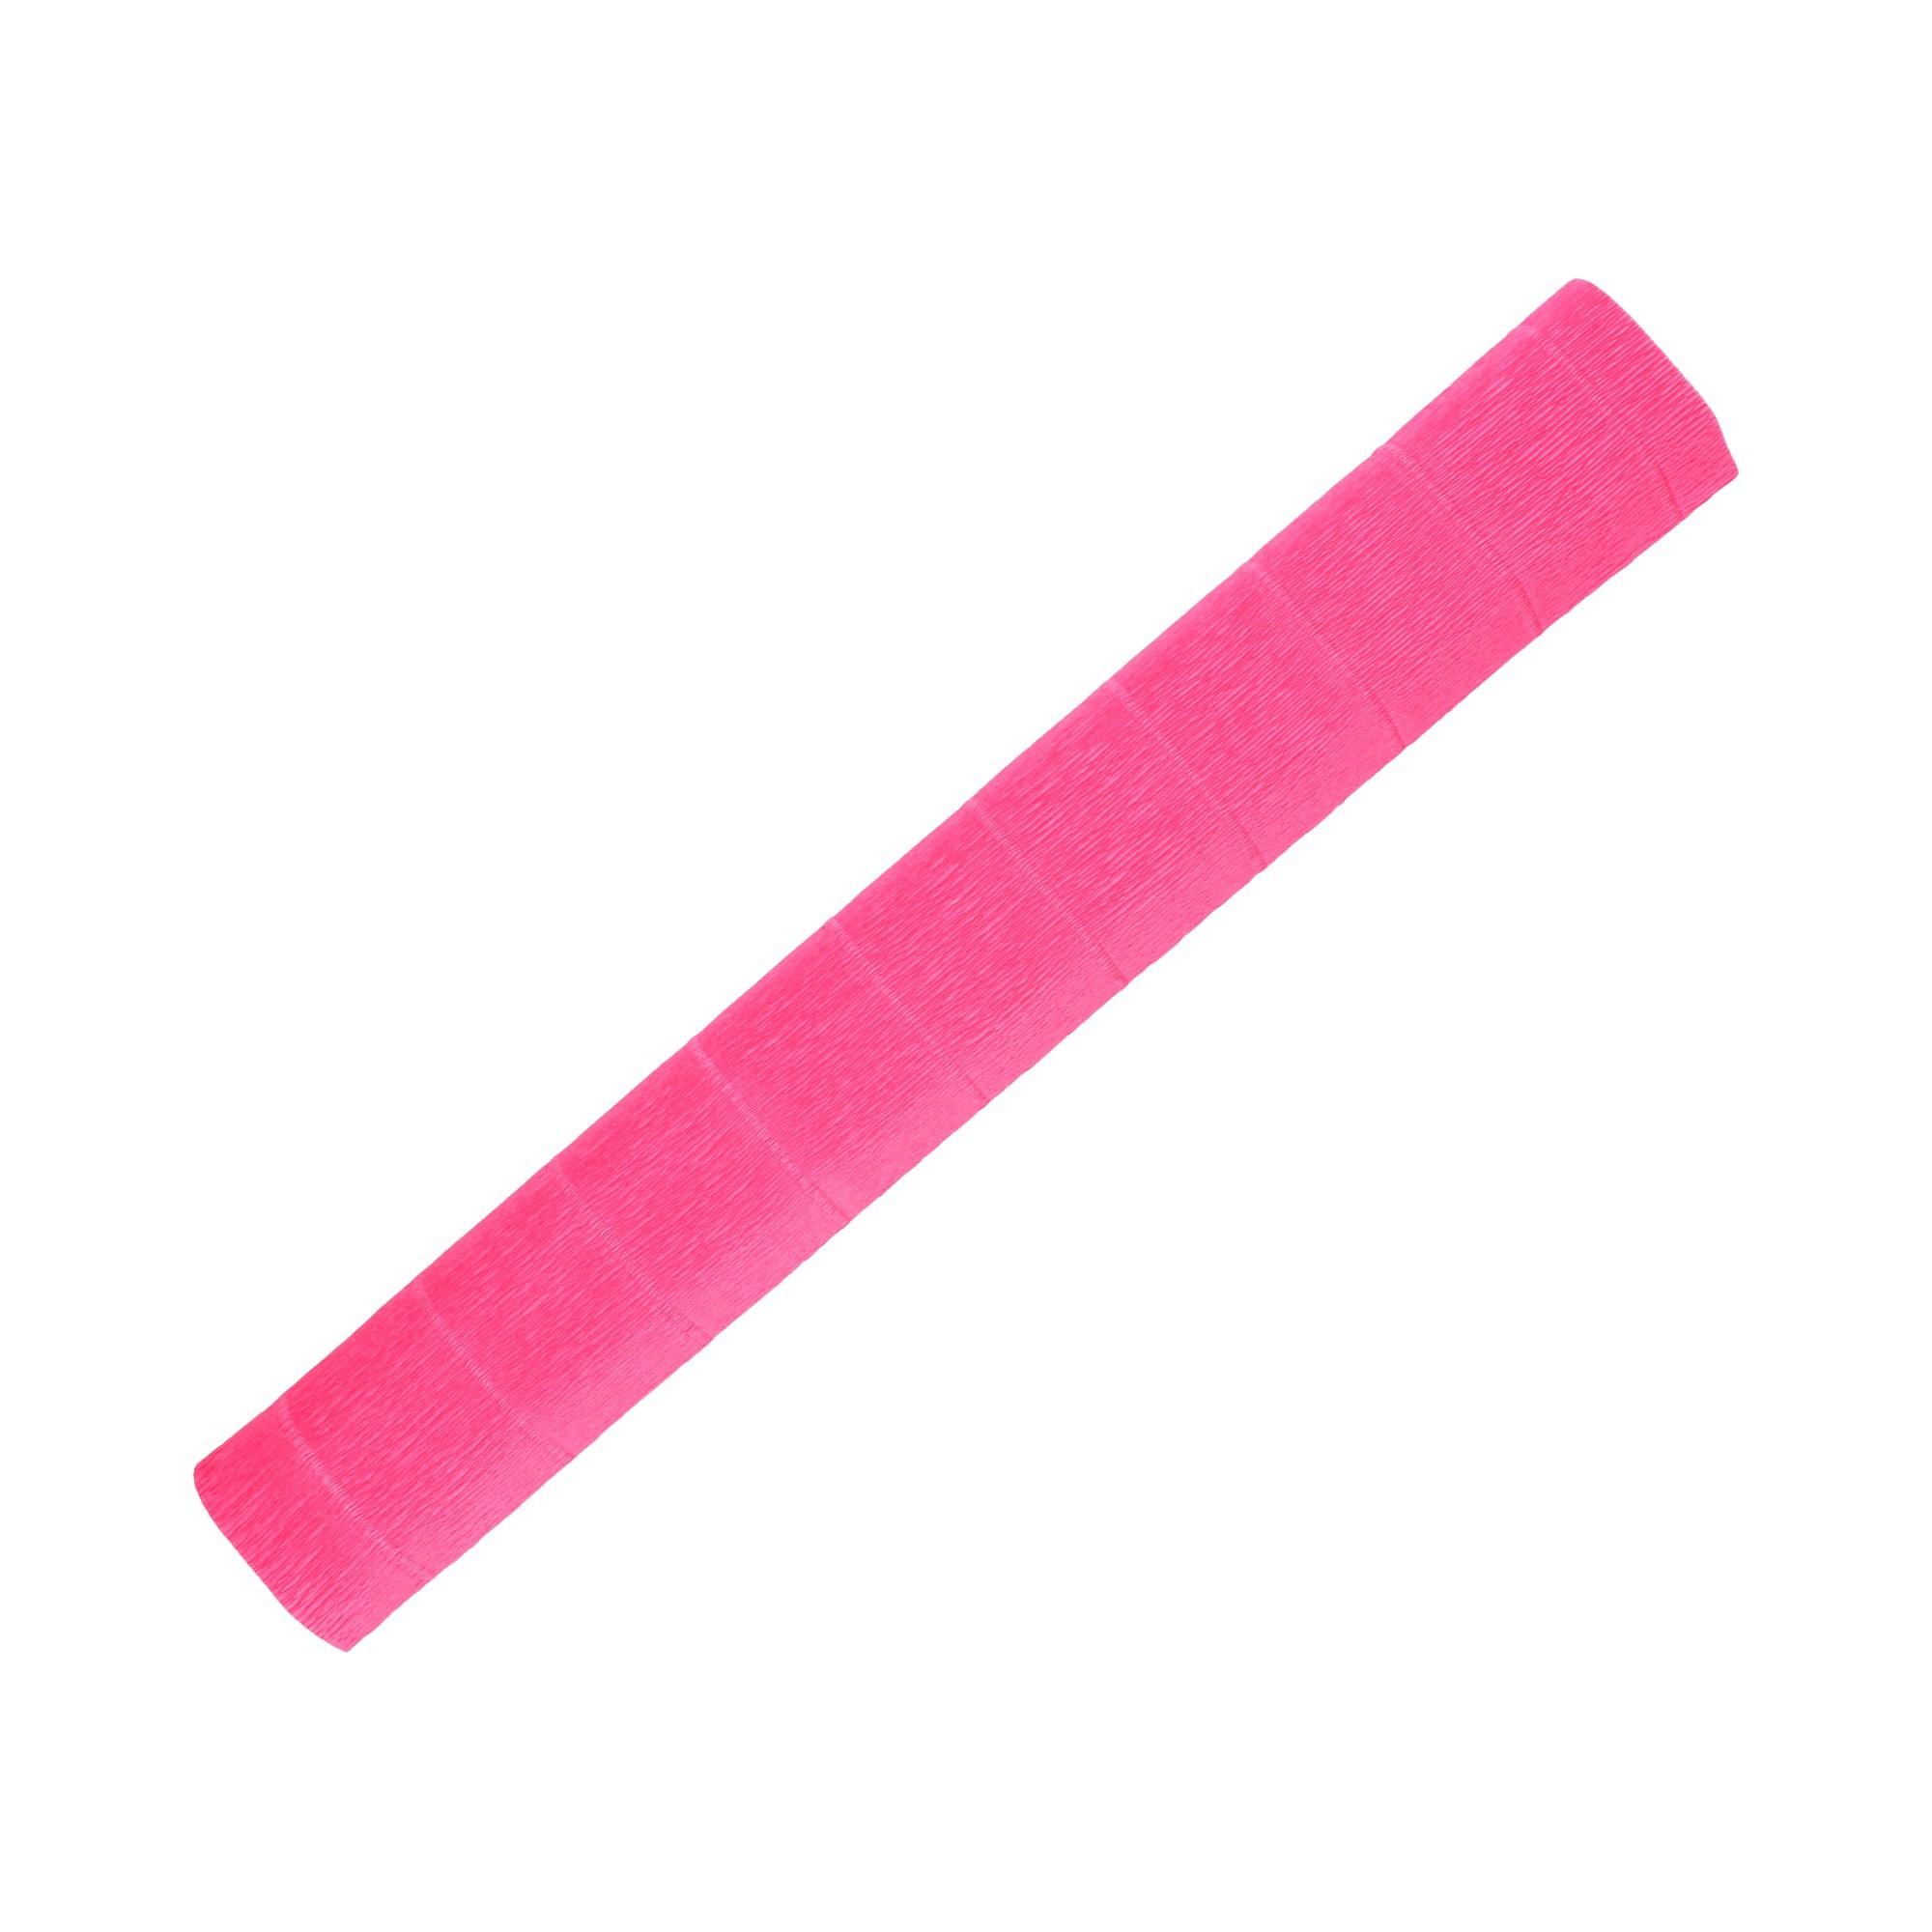 Krepina odcień różowy 571 Latek